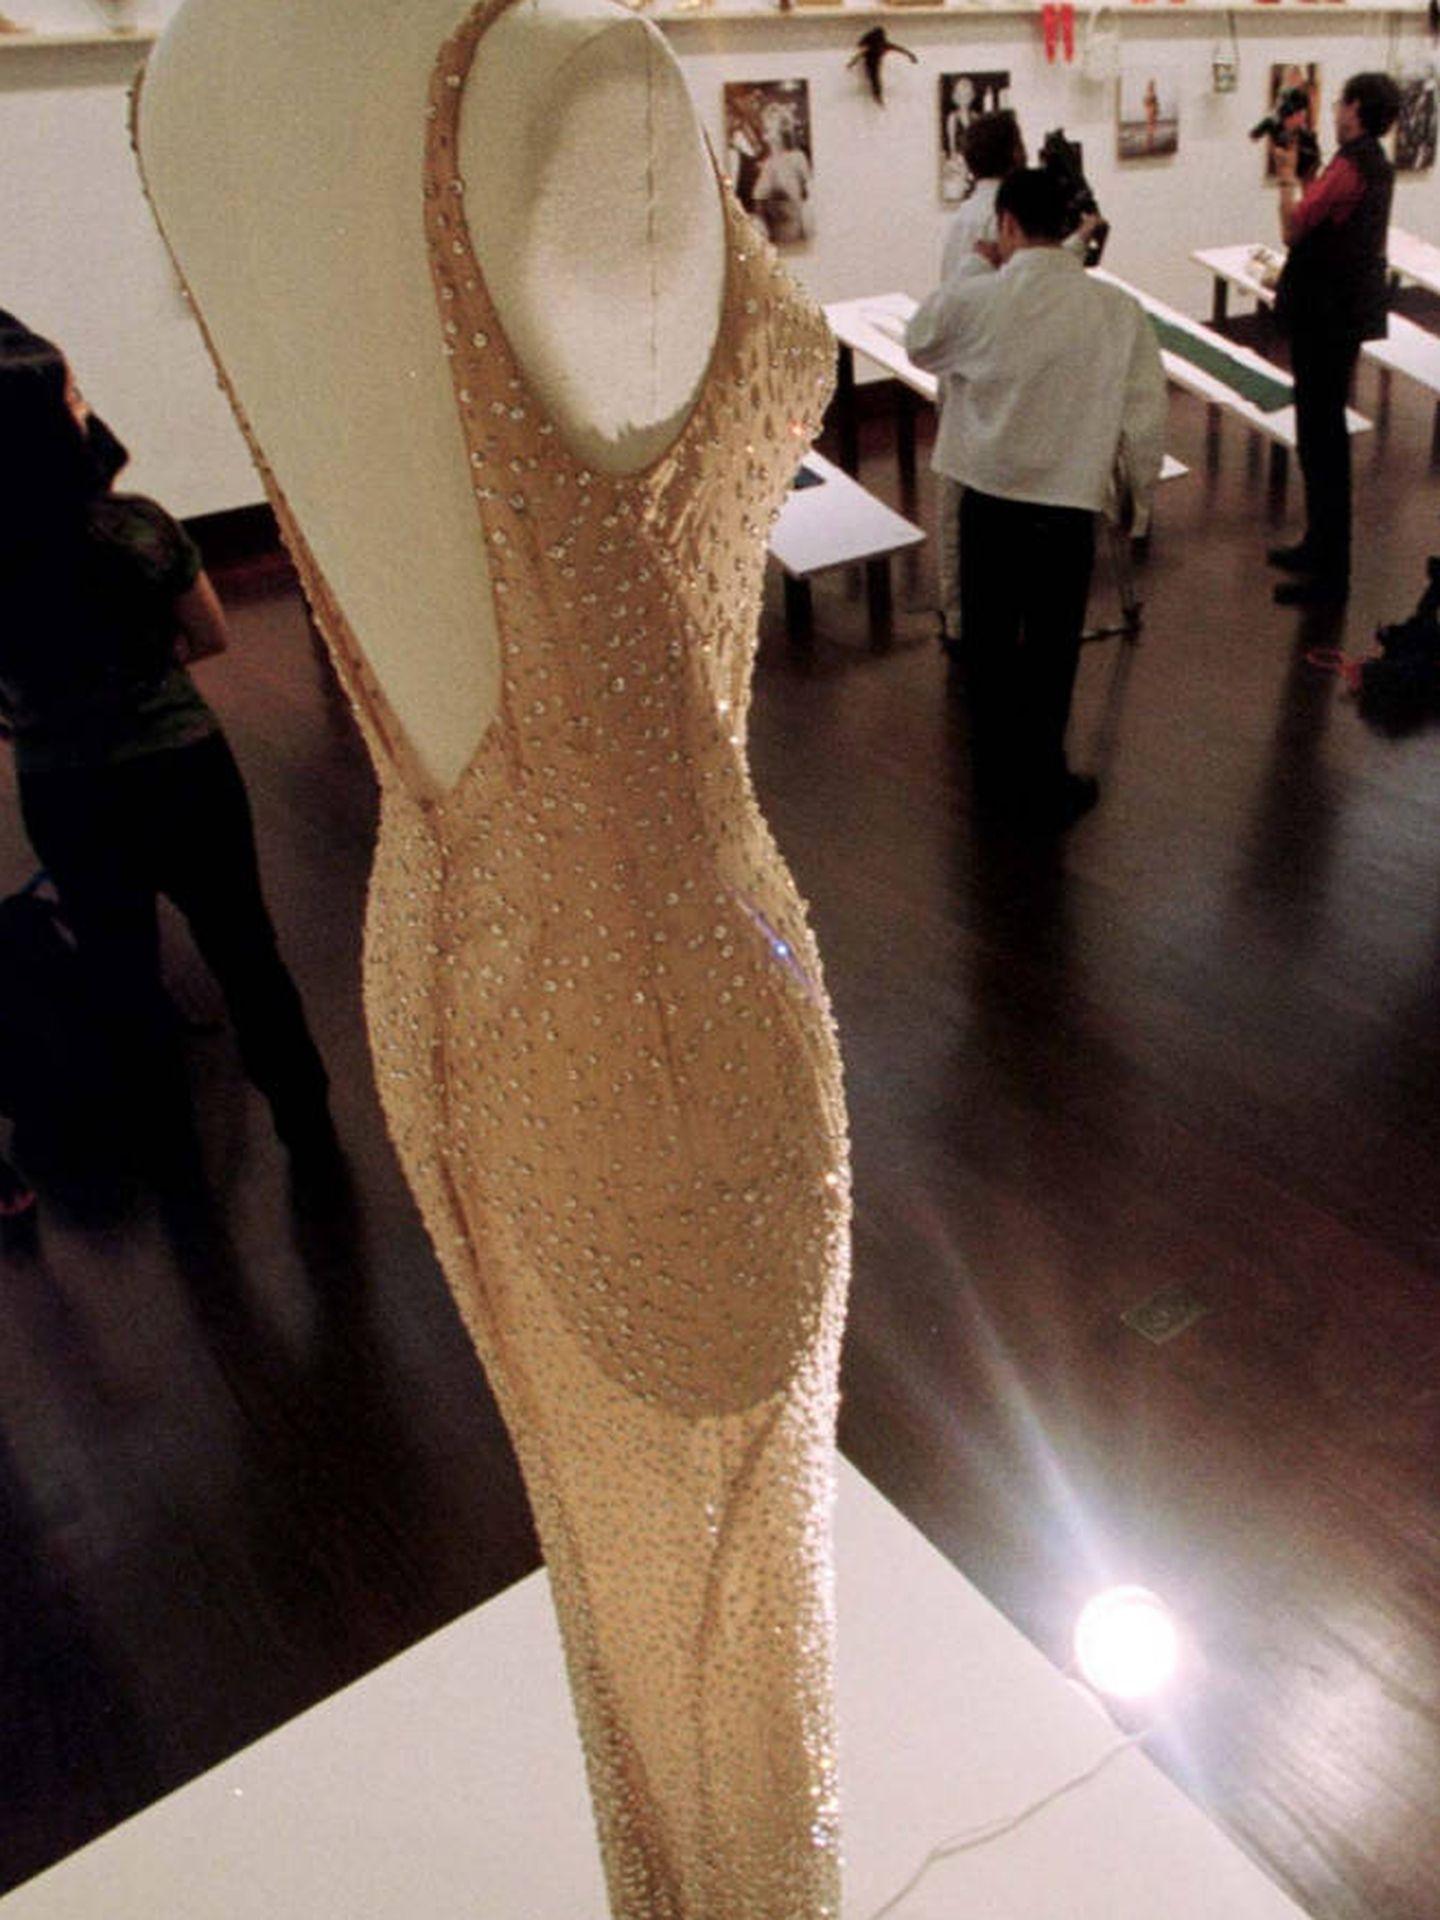 Imagen del vestido subastado por 5 millones de dólares